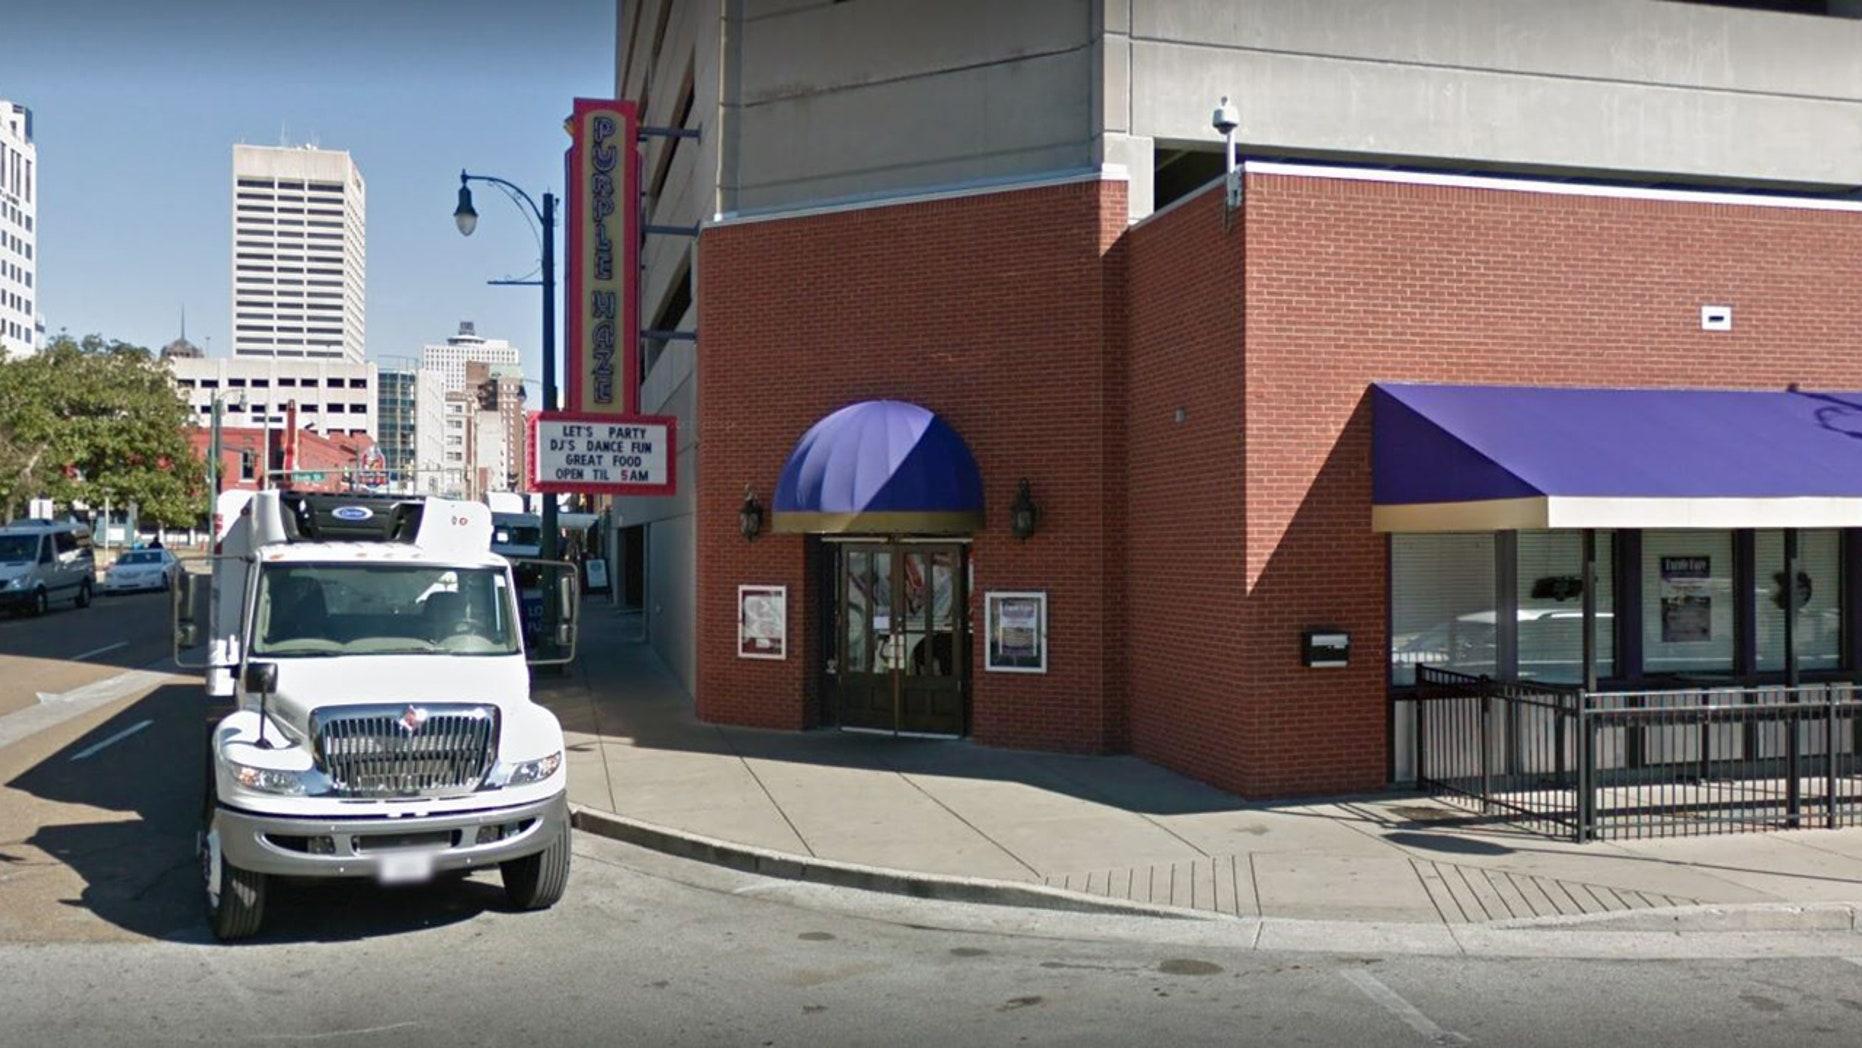 Outside the Purple Haze nightclub in Memphis.